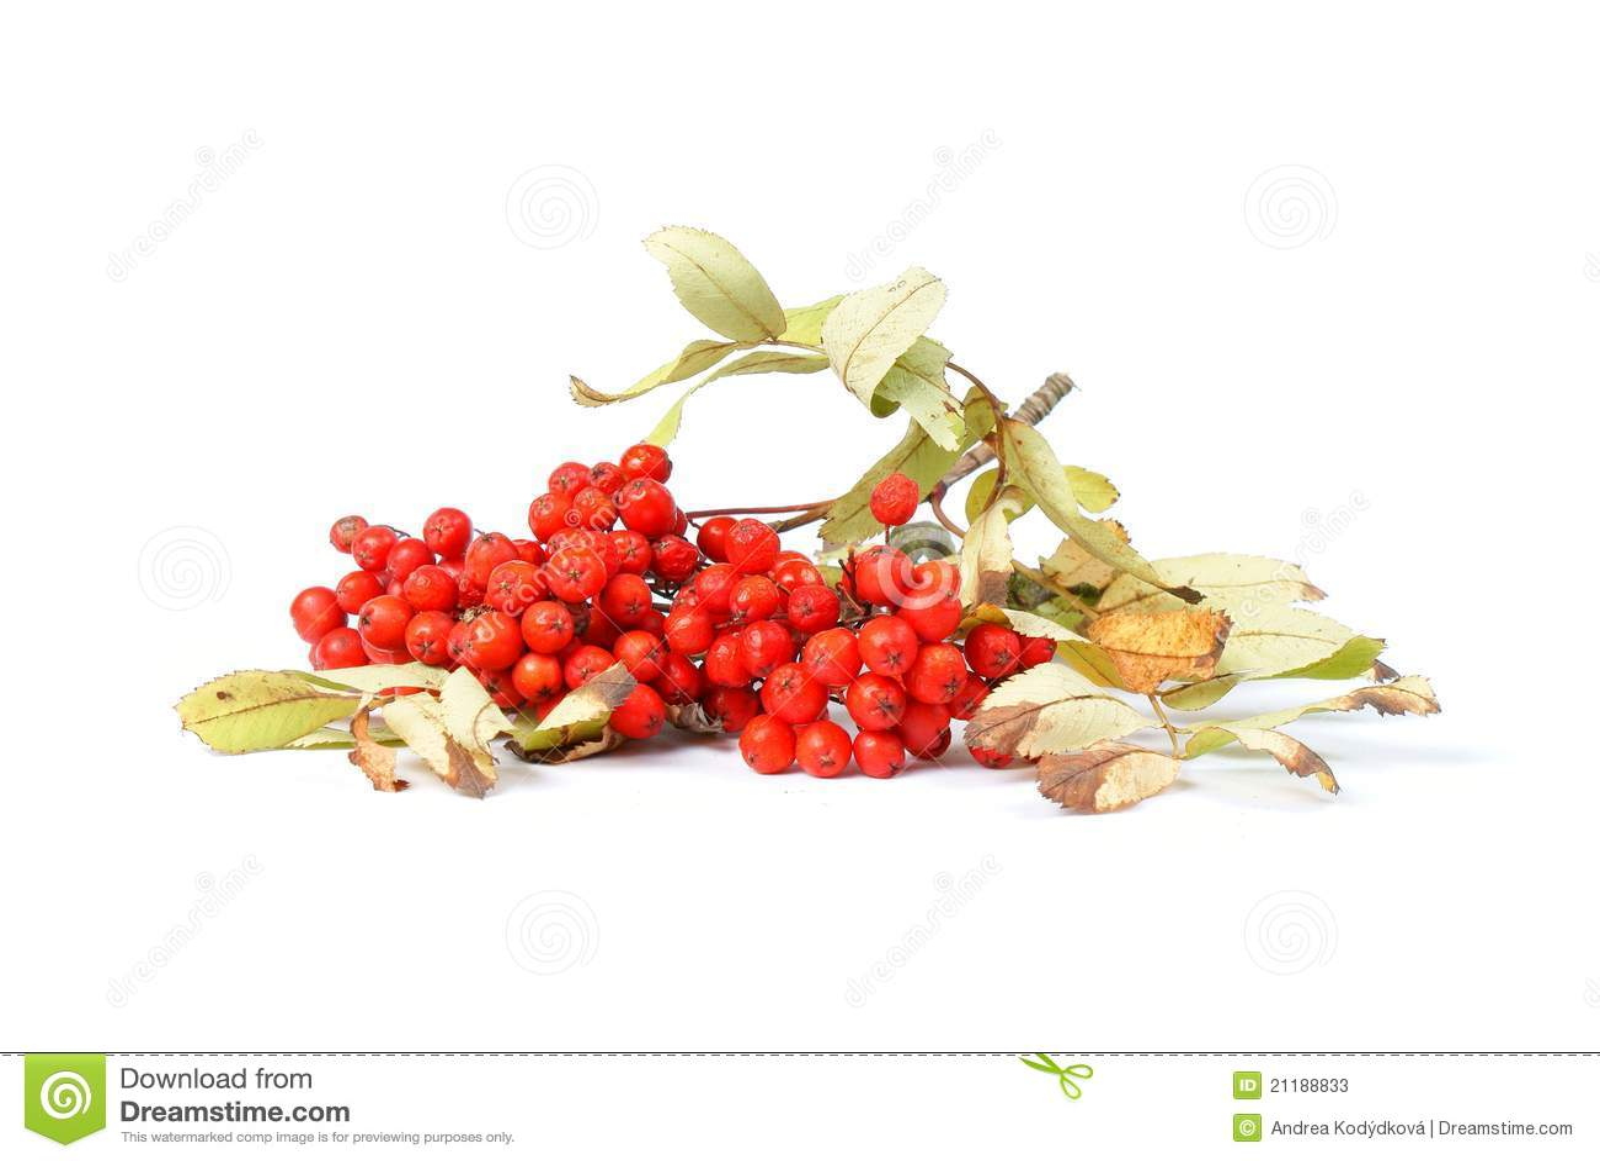 Branch of rowan berries